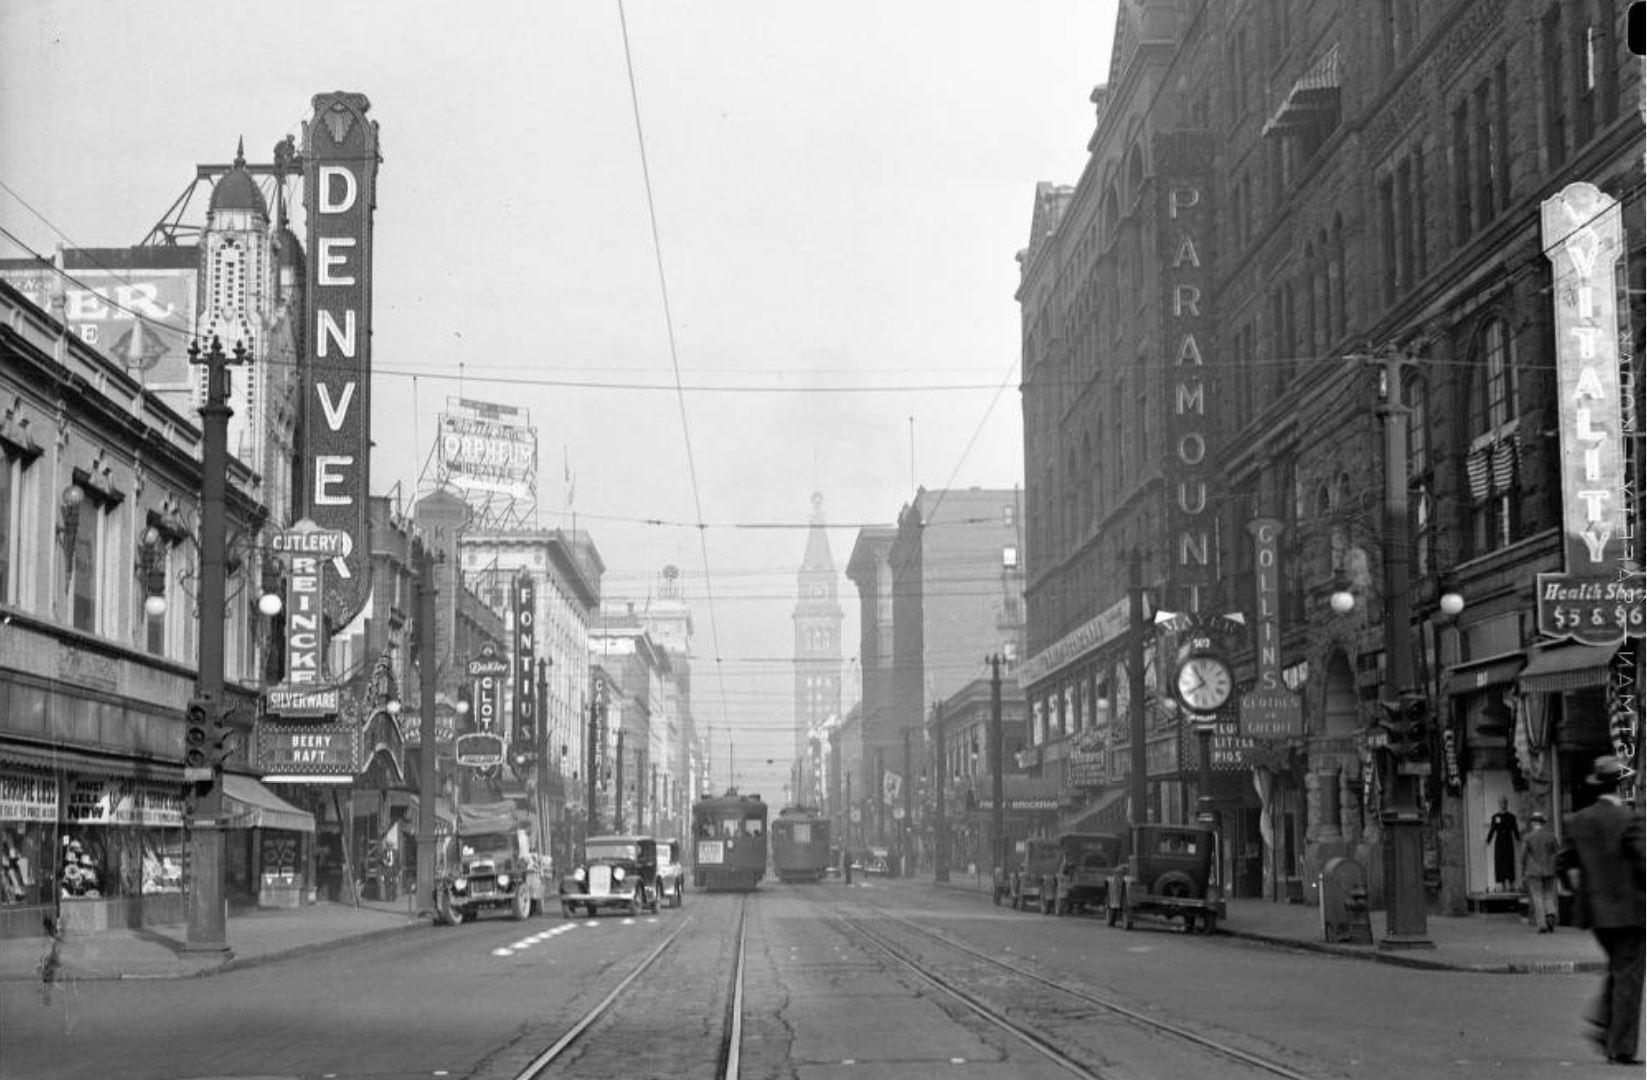 Old Images of Denver